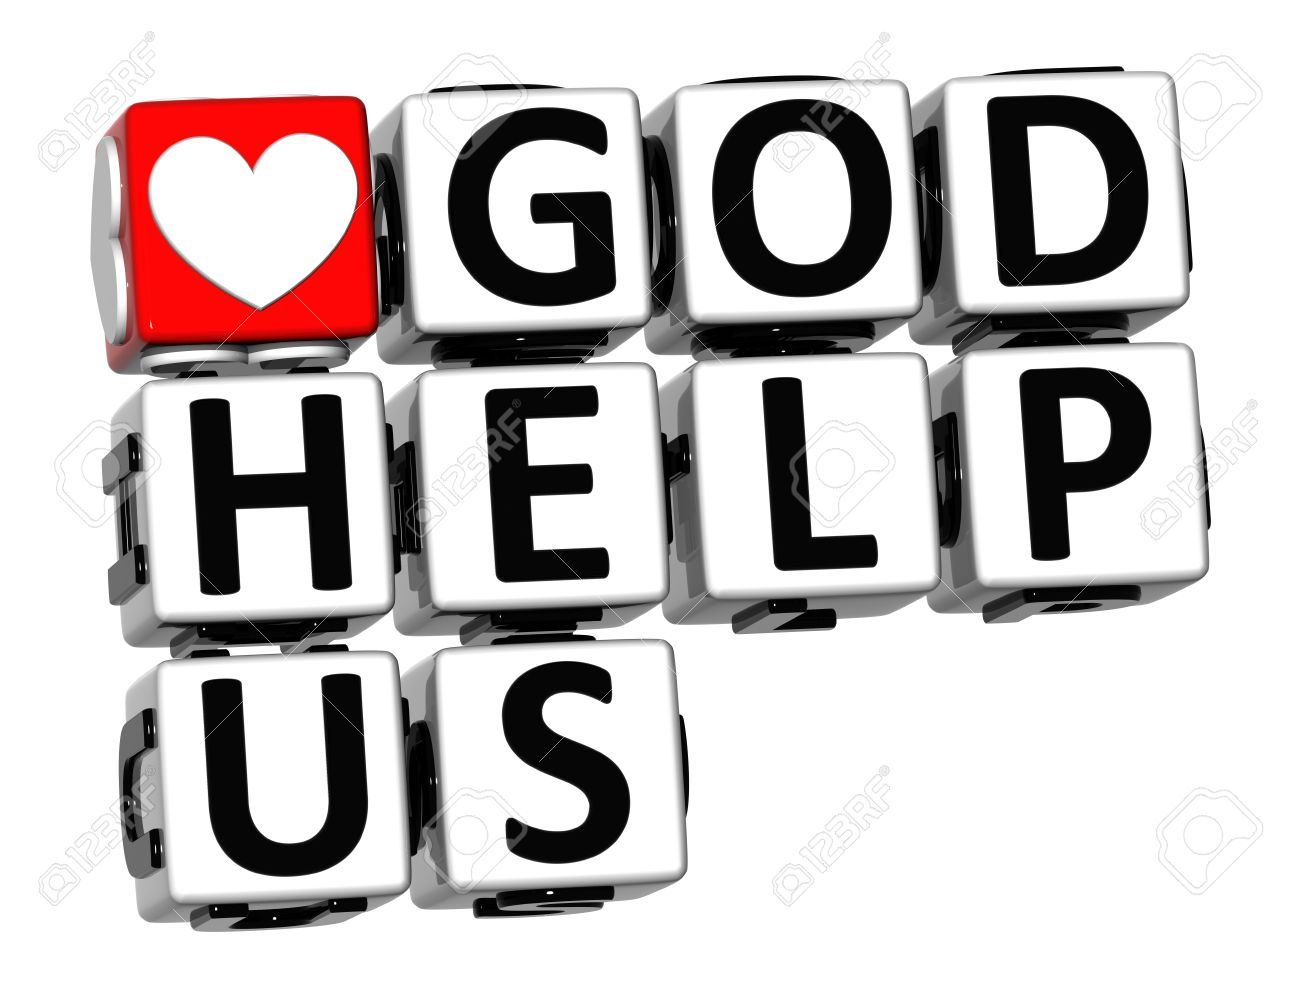 Image result for God help us